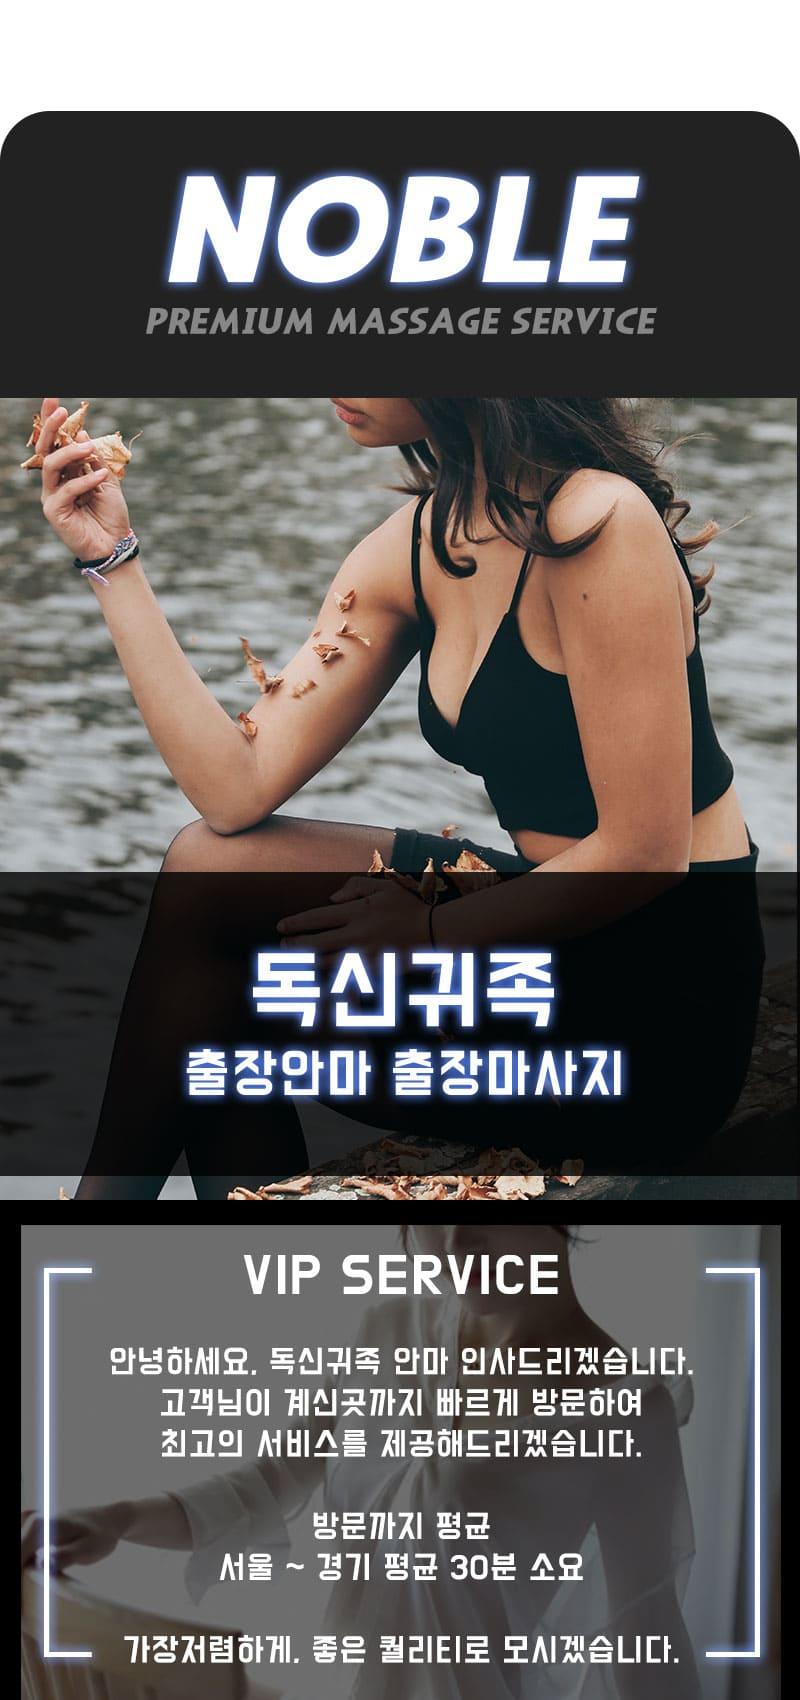 양천구출장안마 소개